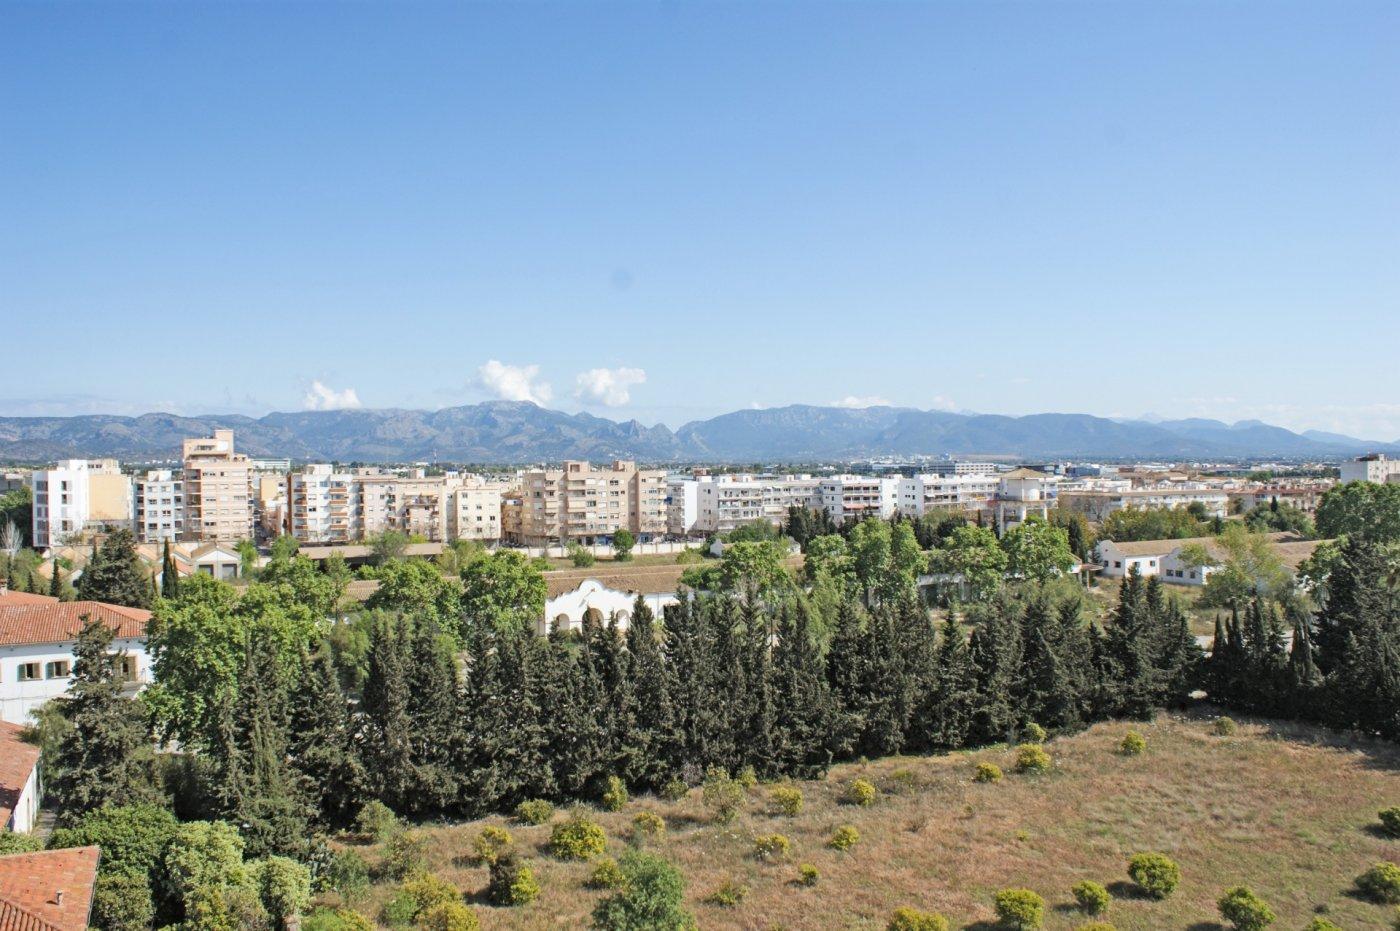 Piso-Venta-Palma de Mallorca-185552-Foto-52